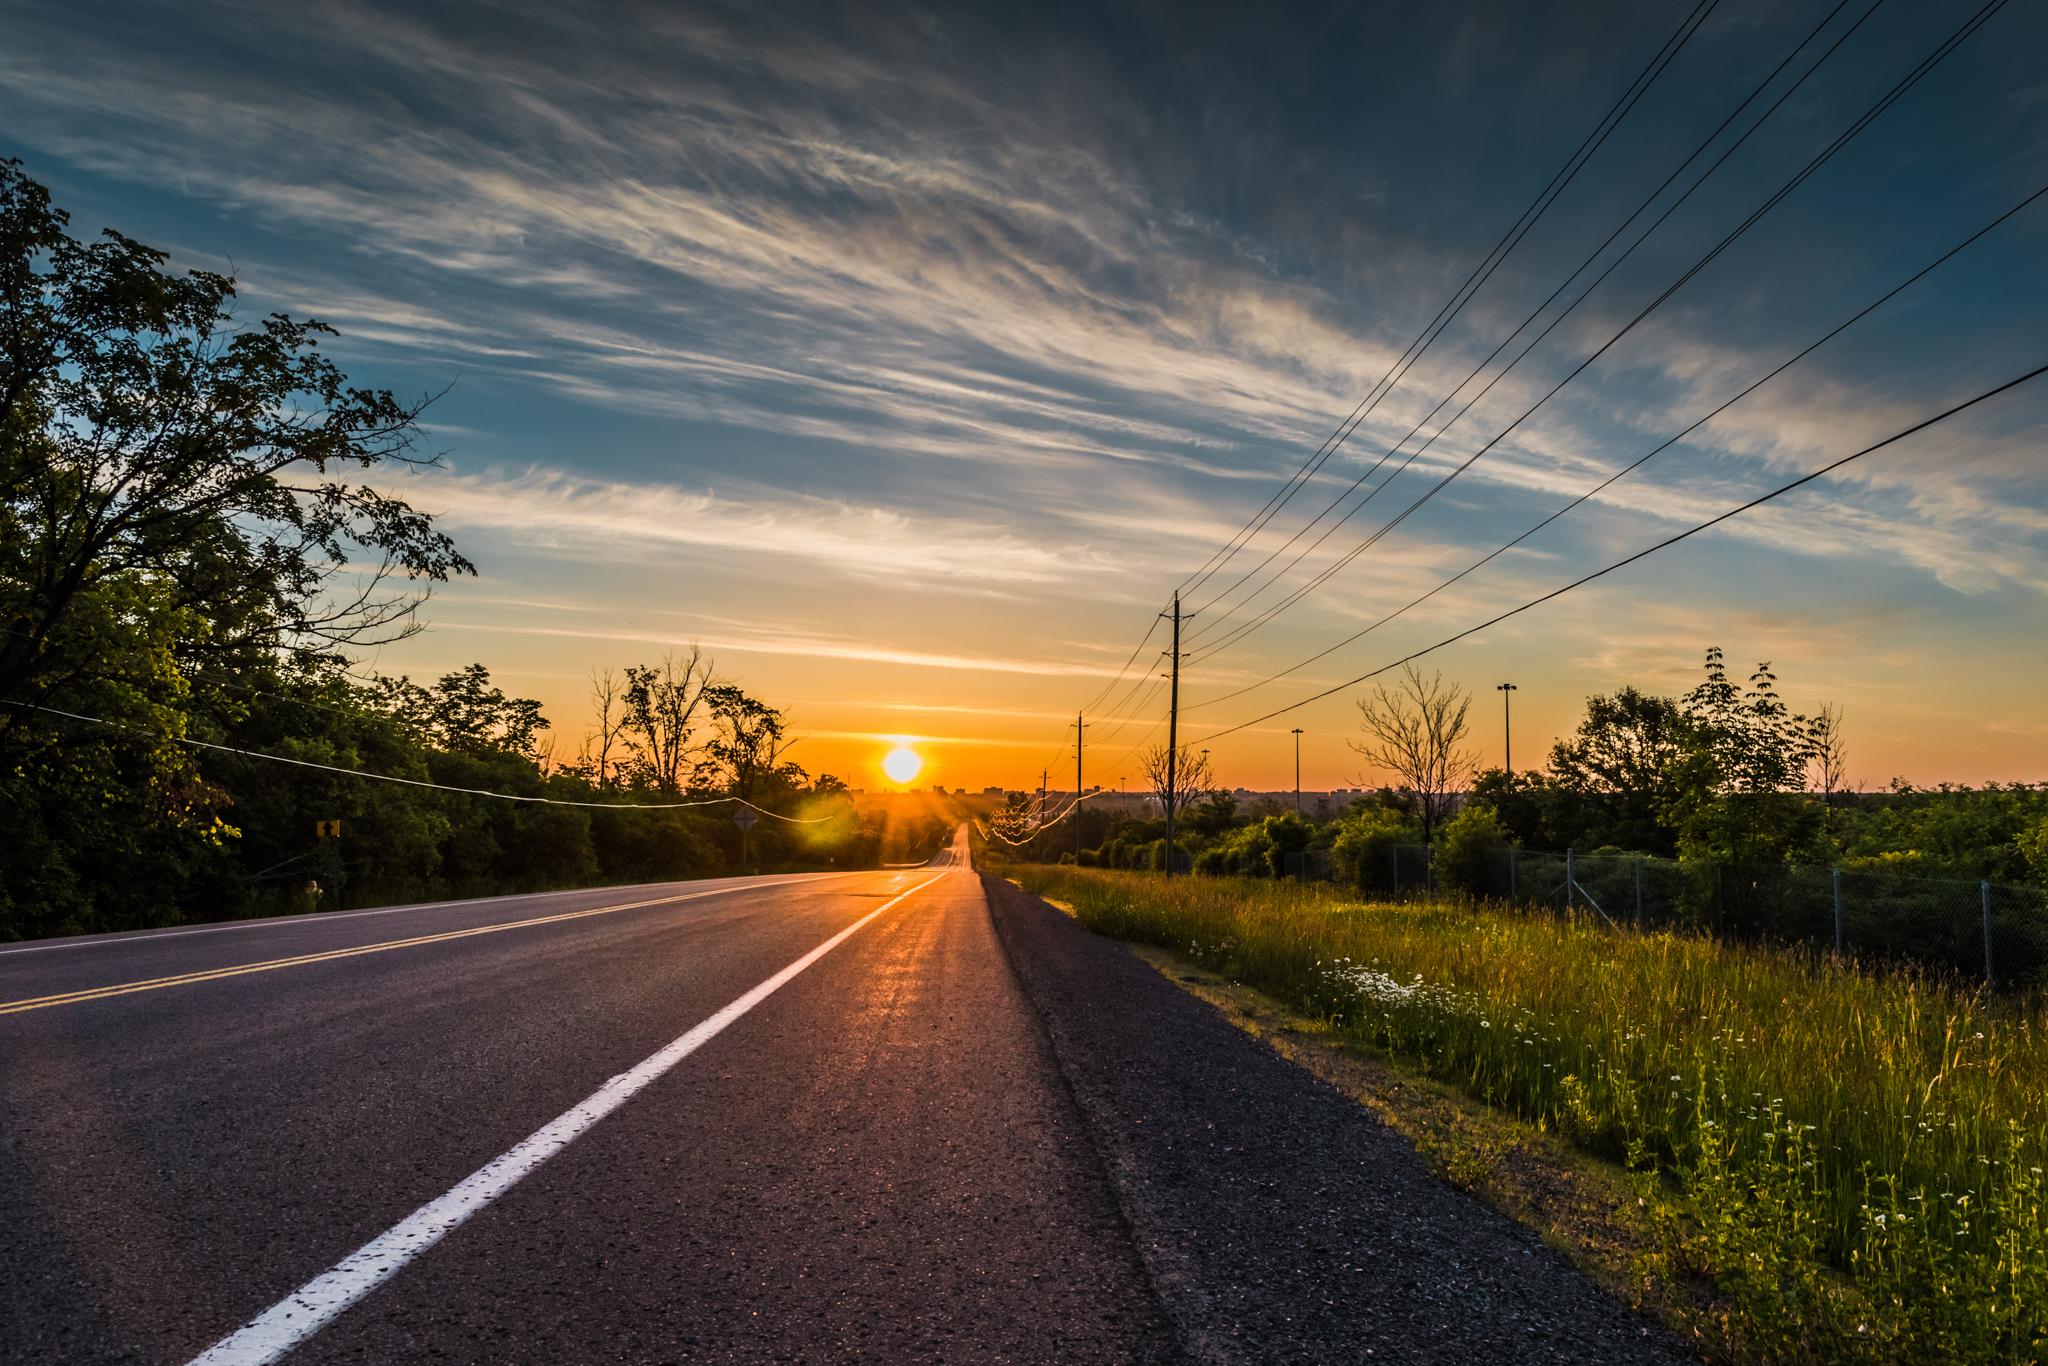 Vue d'un ciel avec un soleil bas à l'horizon, le faîte des arbres et des lignes électriques tendues entre des pylônes (Shutterstock)